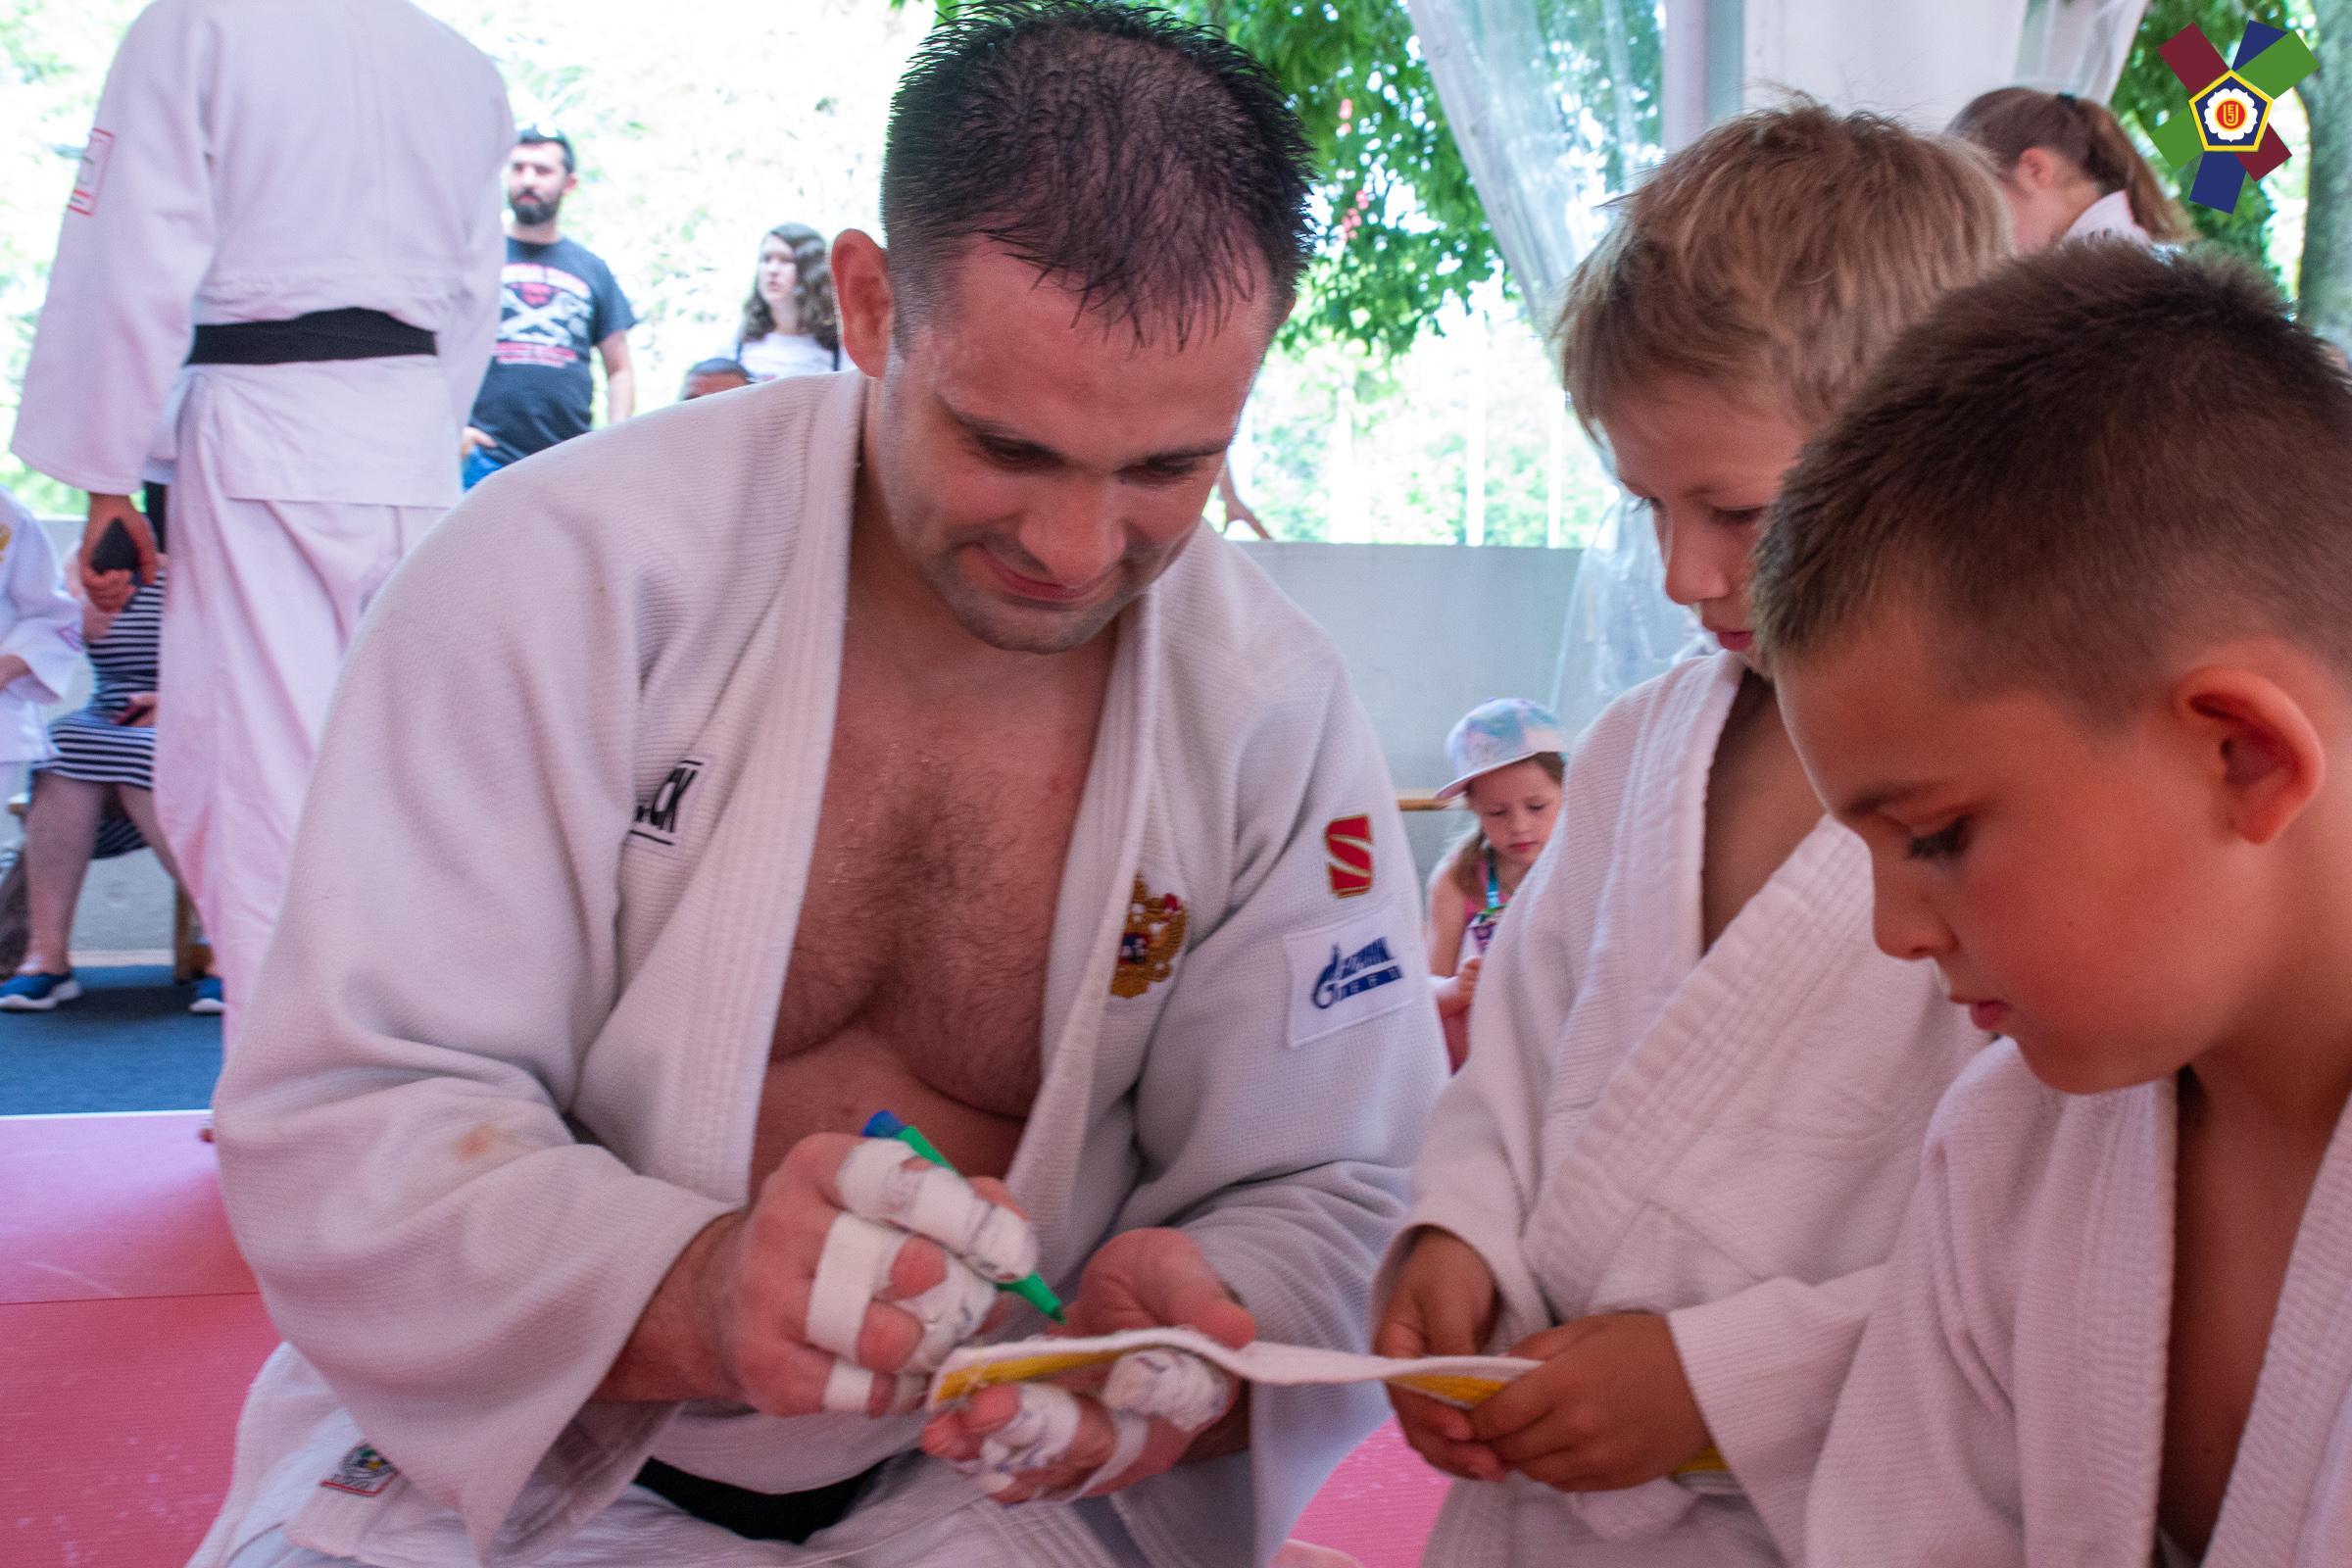 EJU-6th--Judo-Festival-Porec-2019-06-10-Sören-Starke-366316